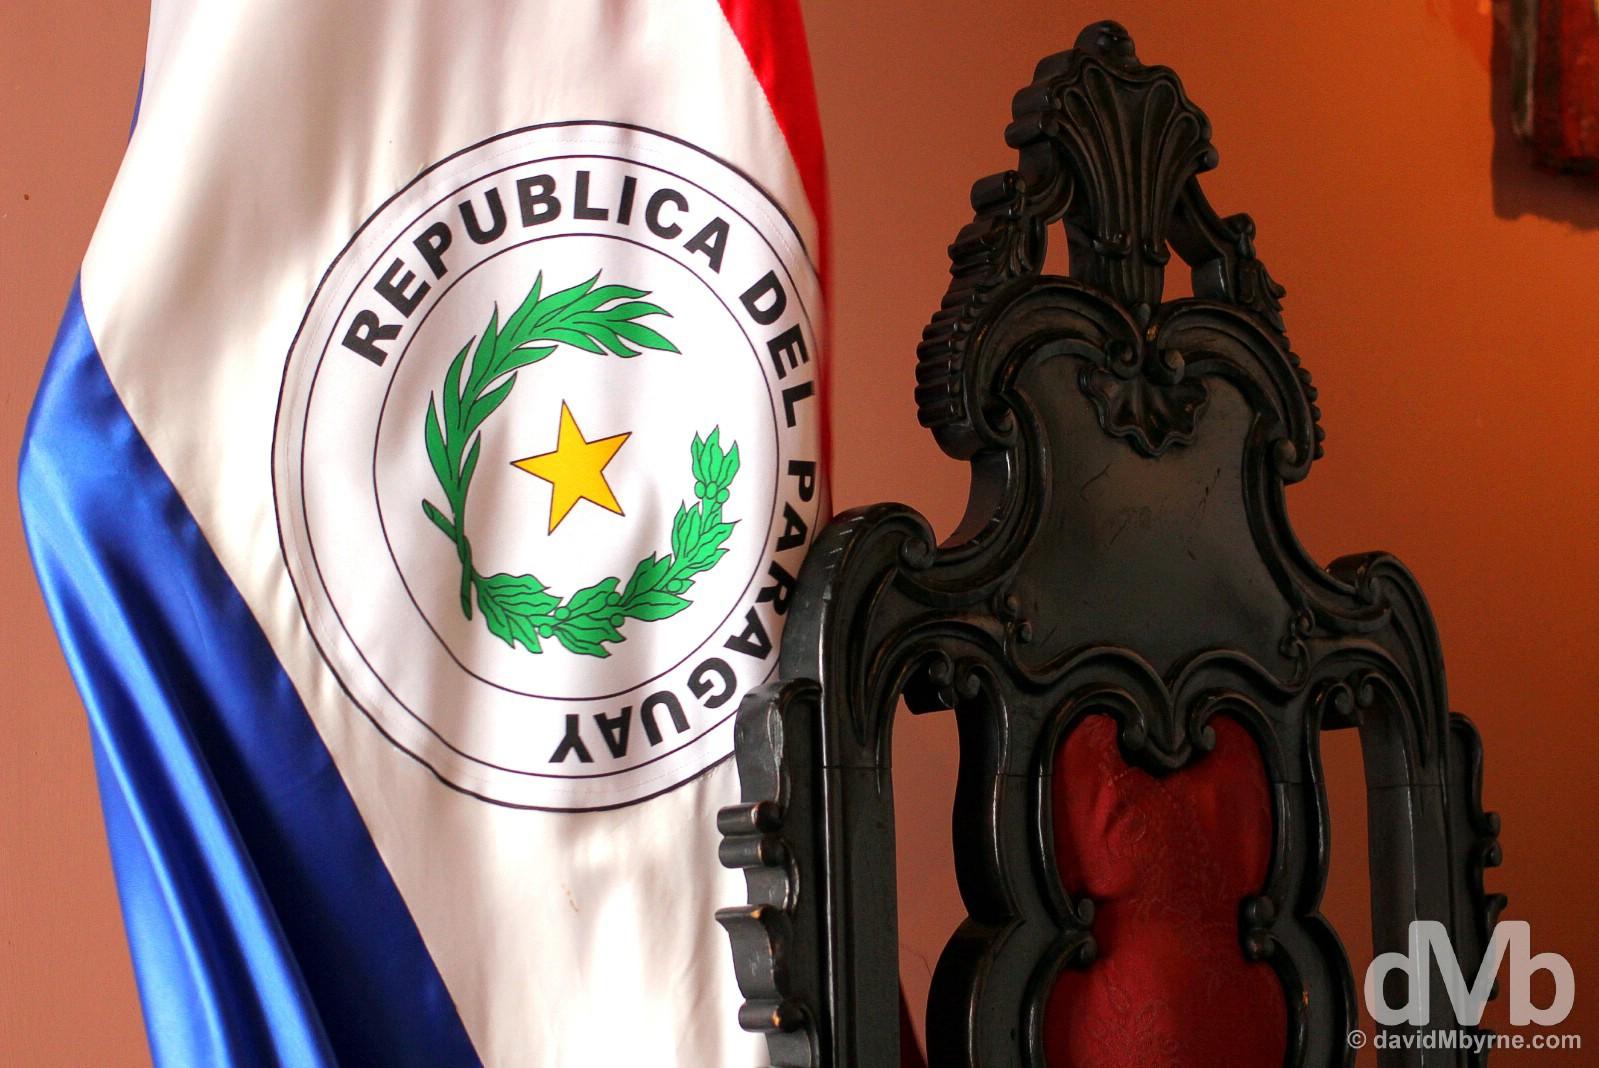 Casa de la Independencia in Asuncion, Paraguay. September 9, 2015.